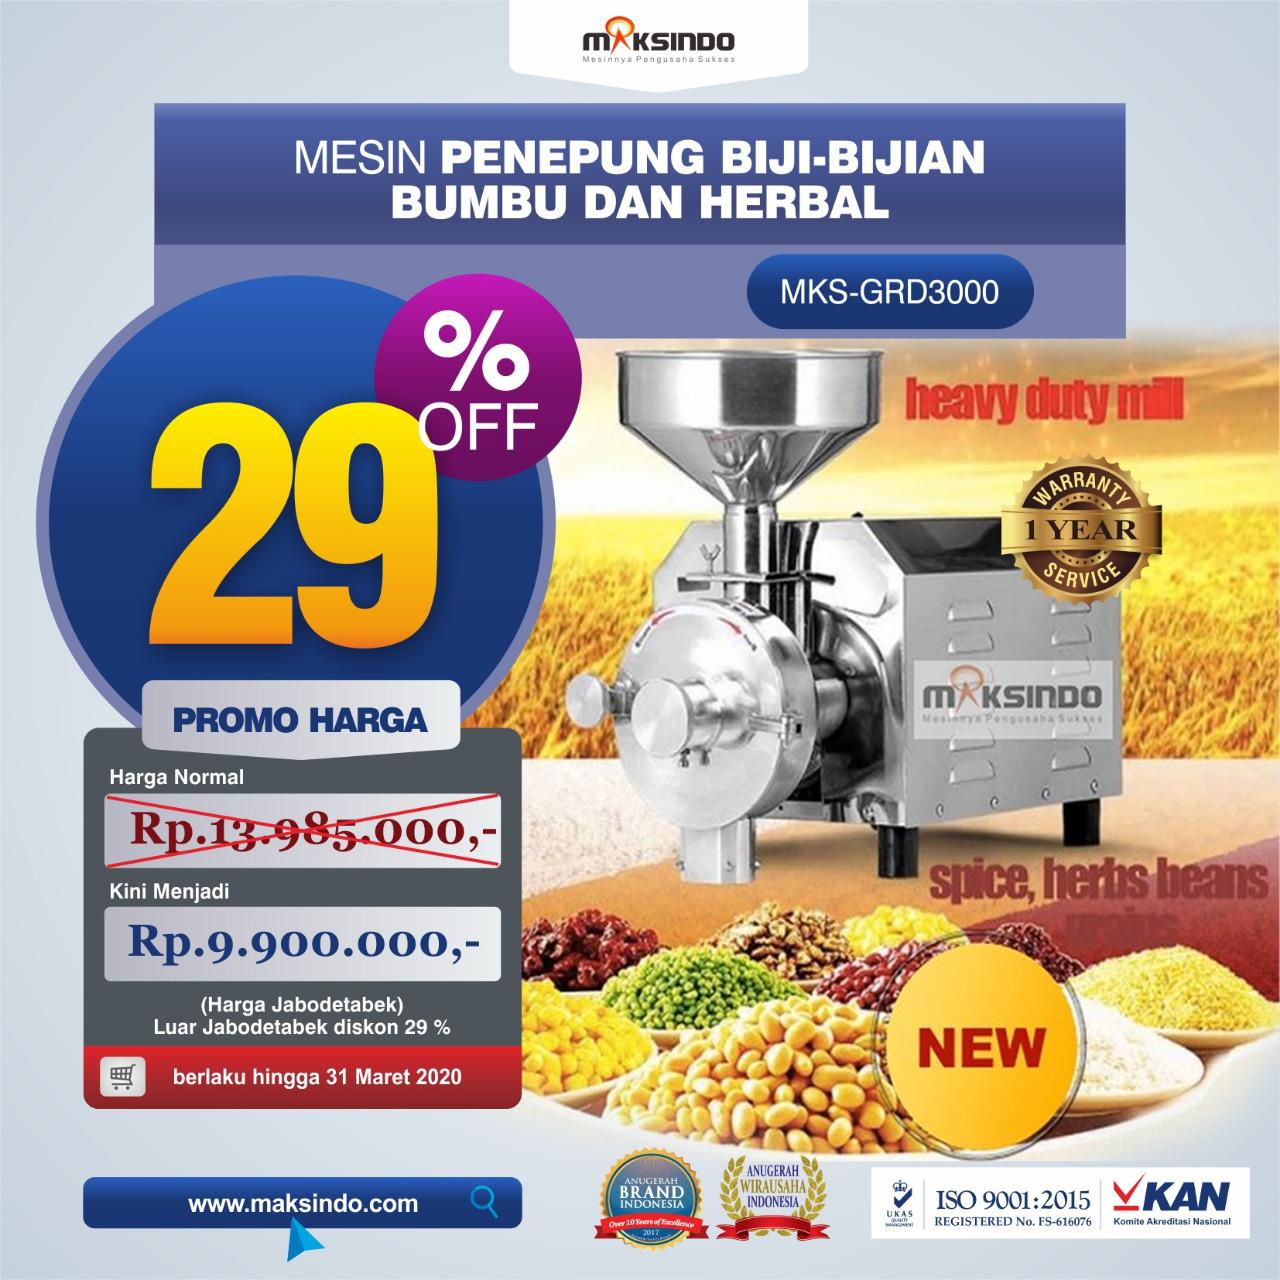 Jual Penepung Biji, Bumbu dan Herbal (GRD3000) di Bandung